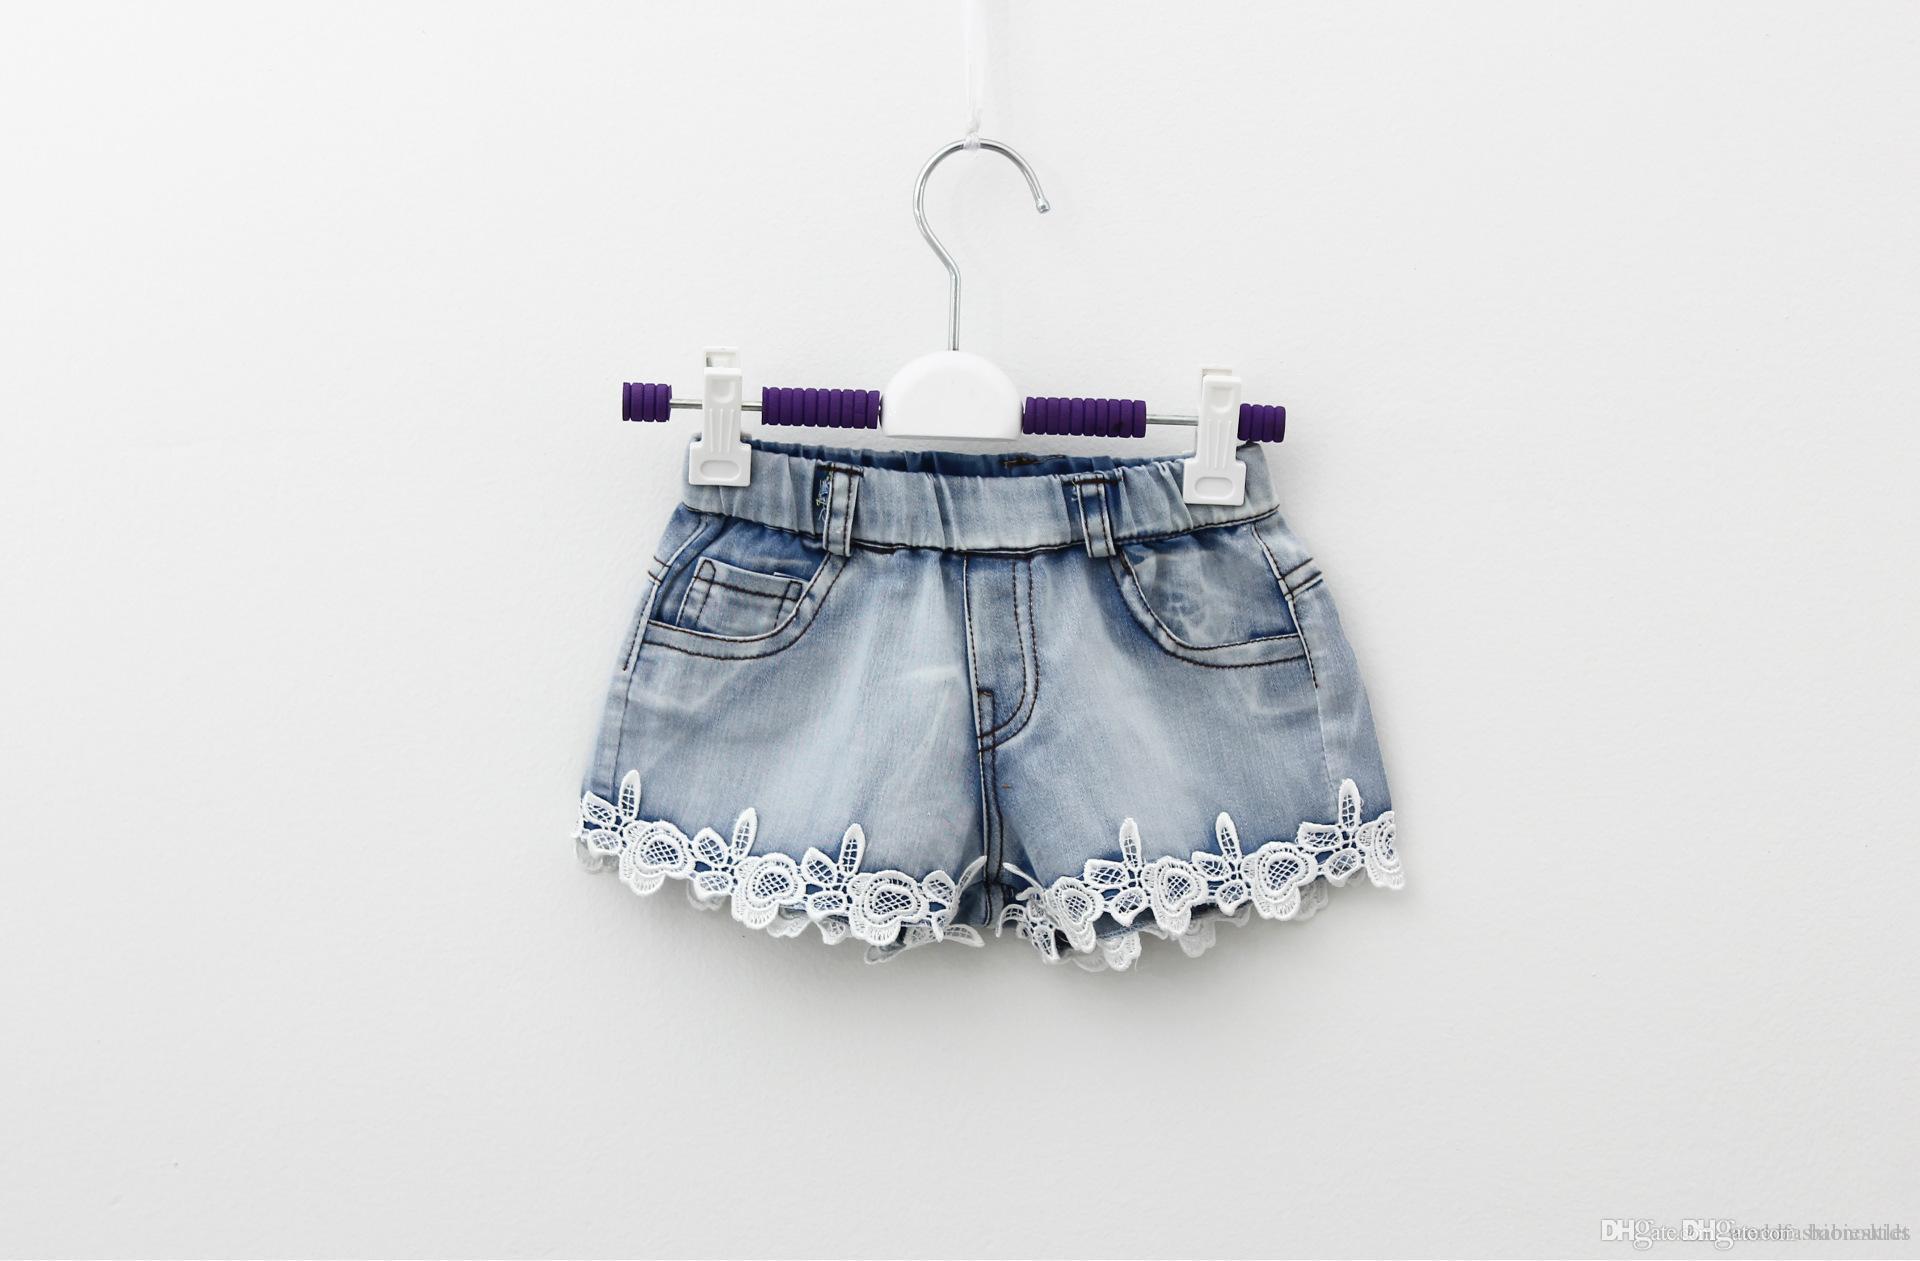 Çocuk Şort Yaz Çocuk Denim Şort Kore Kız Dantel Şort çocuk Kot Sıcak Pantolon 100-140 Boyutu 5 adet / grup Fabrika Satış Ch